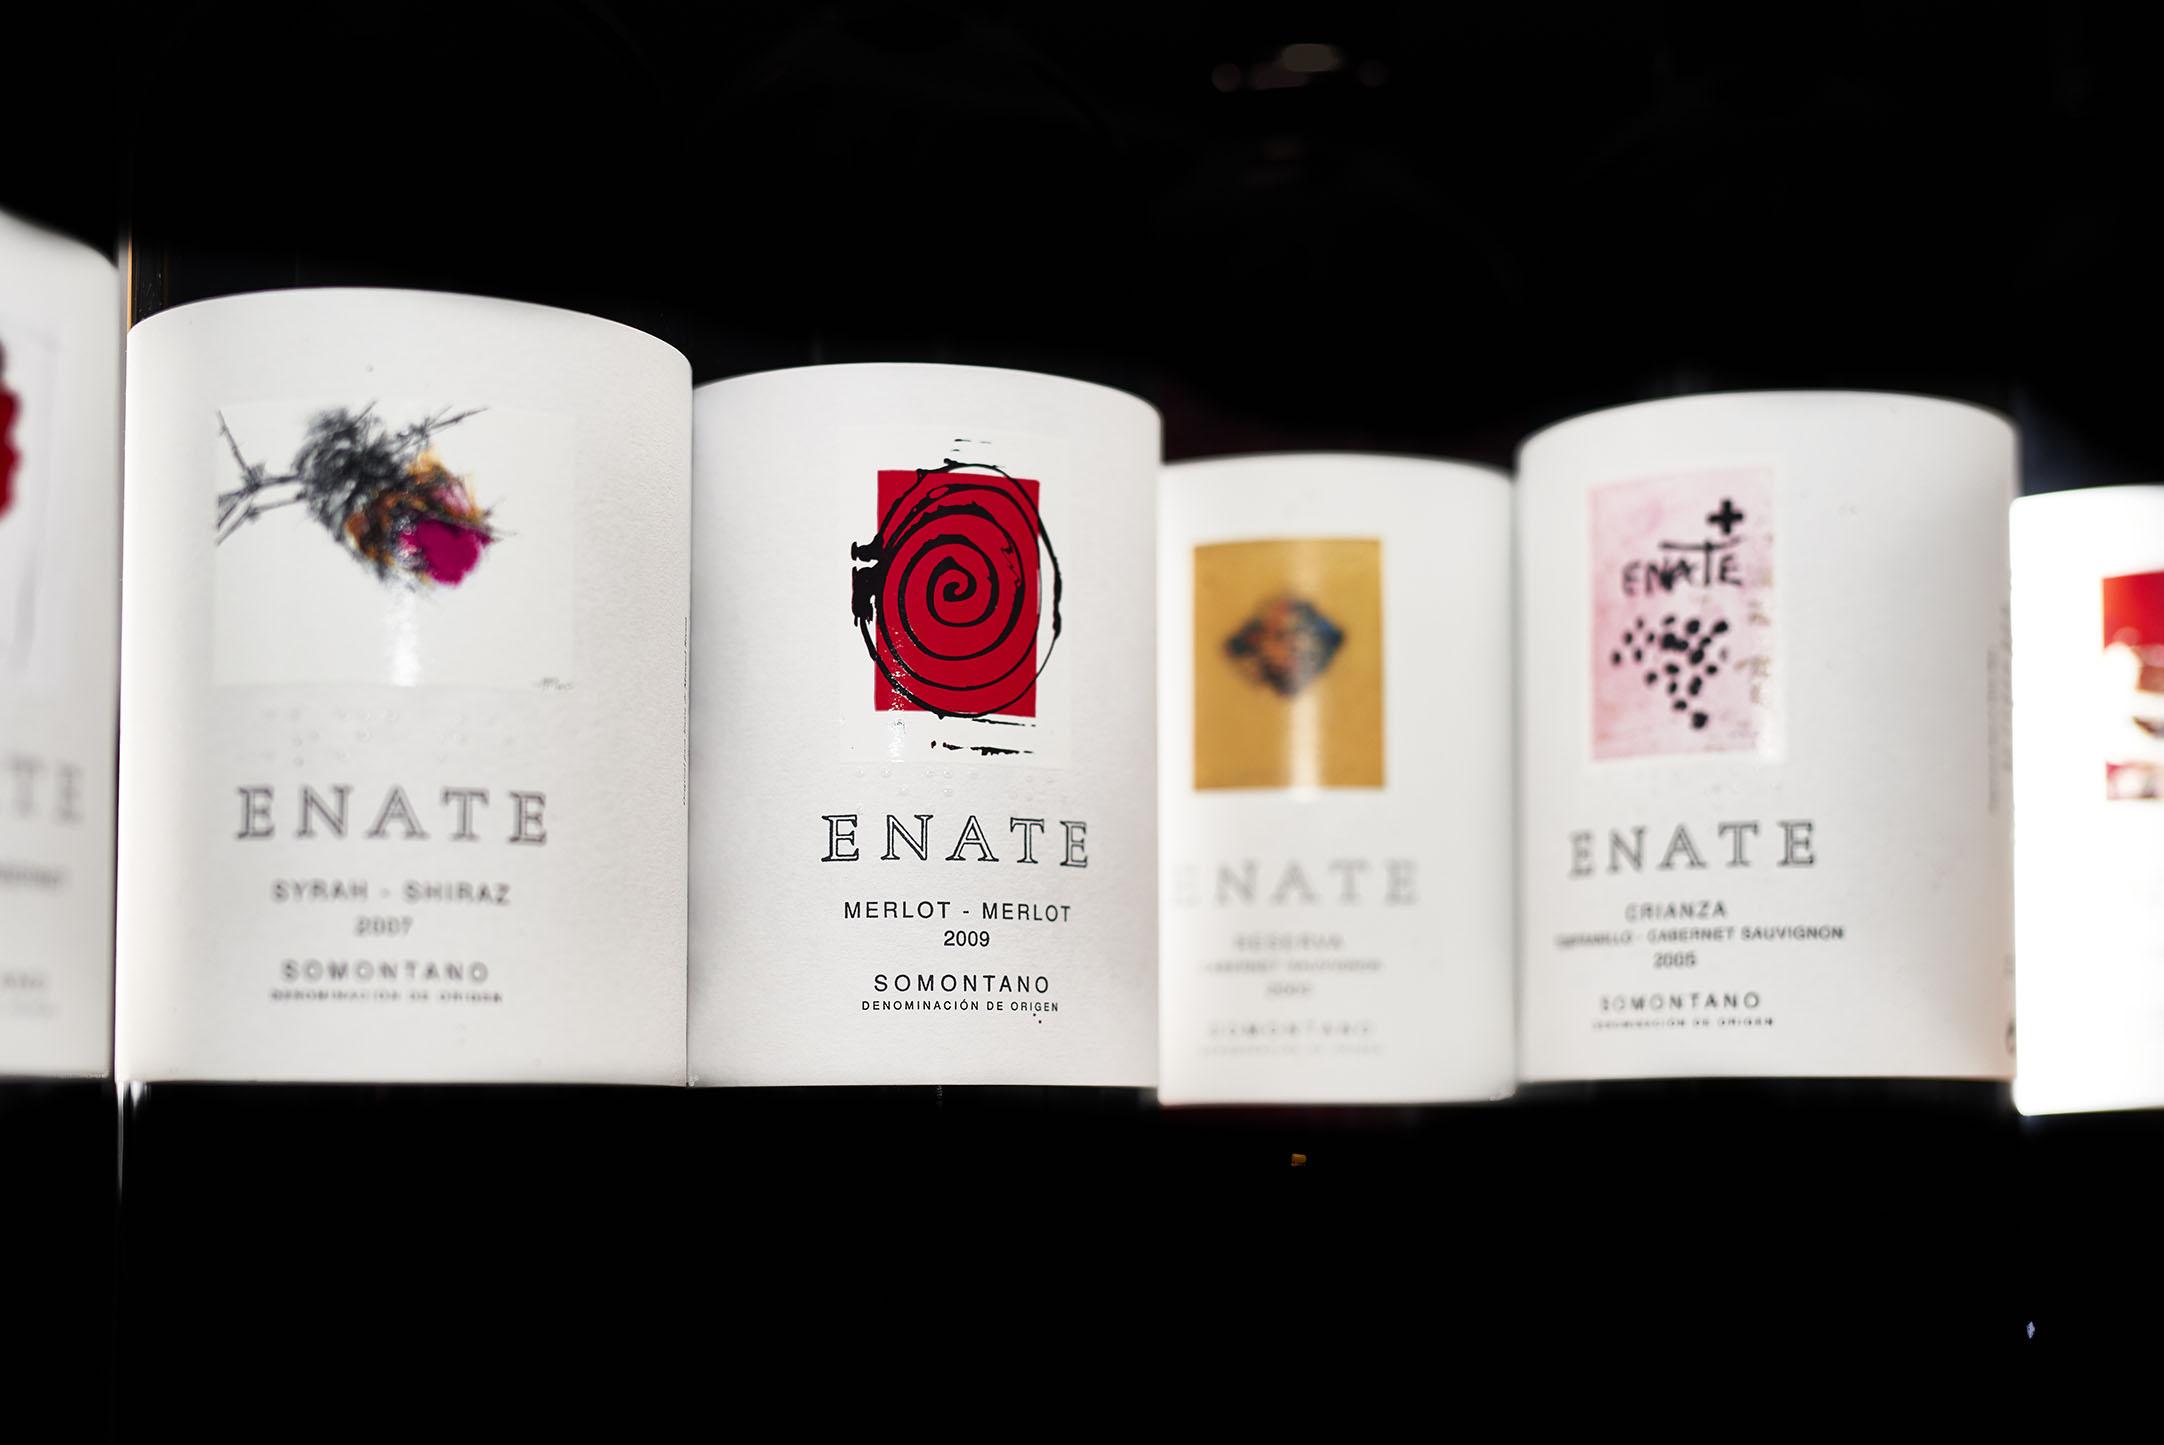 ENATE, arte del vino a la etiqueta